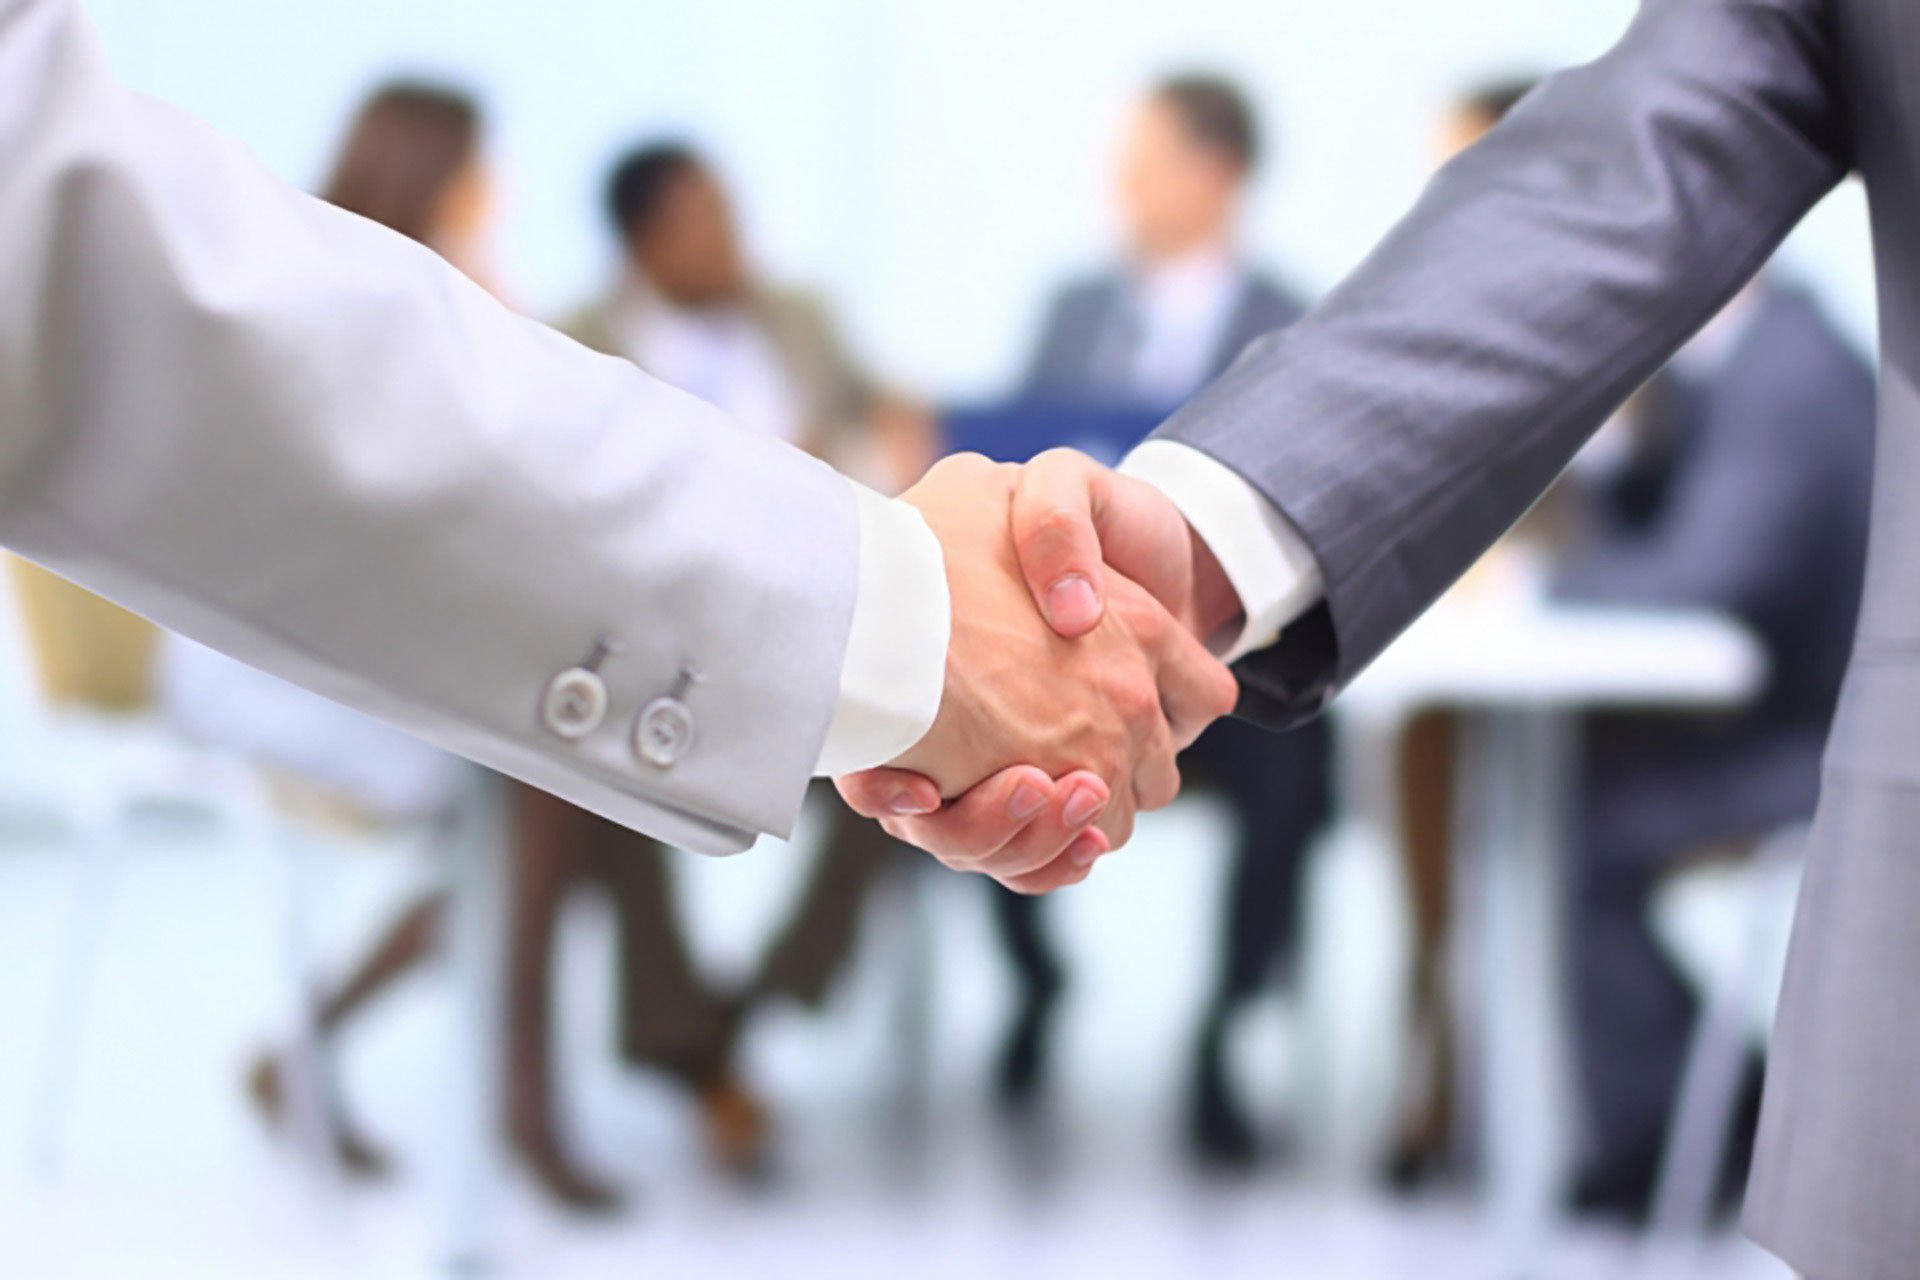 партнеры в бизнесе картинки змеи имеет